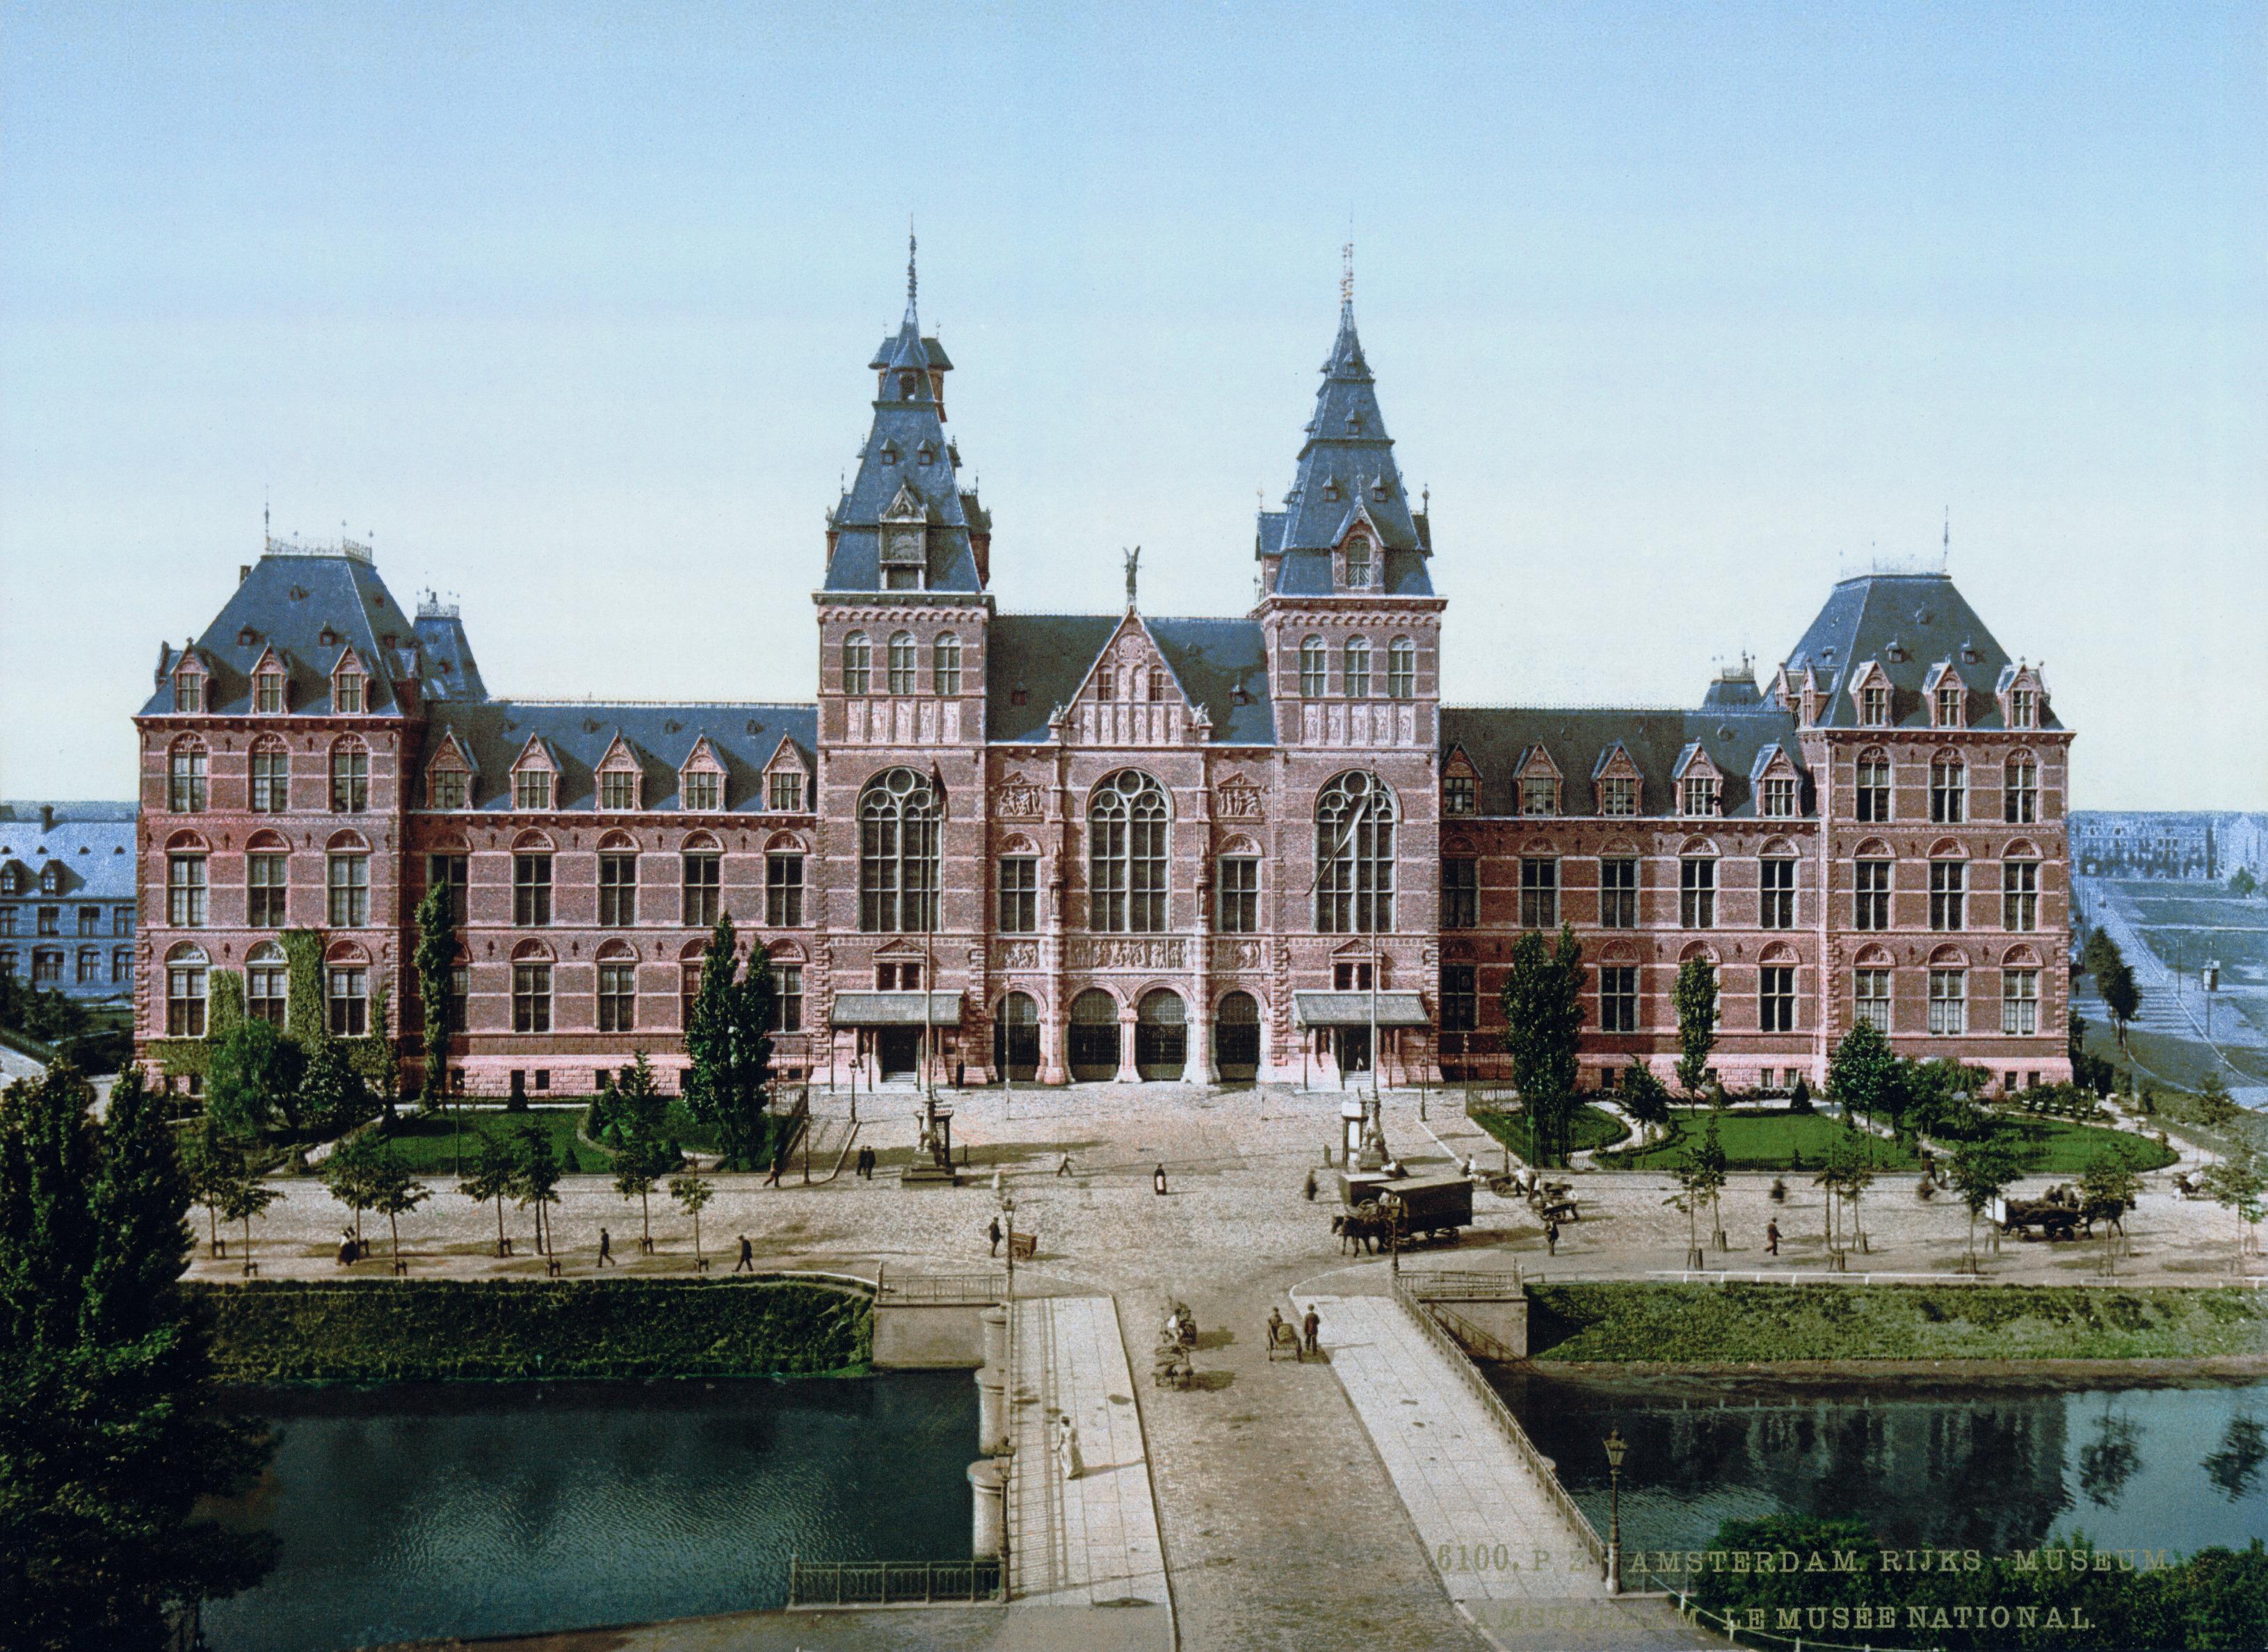 Rijksmuseum for Amsterdam museum